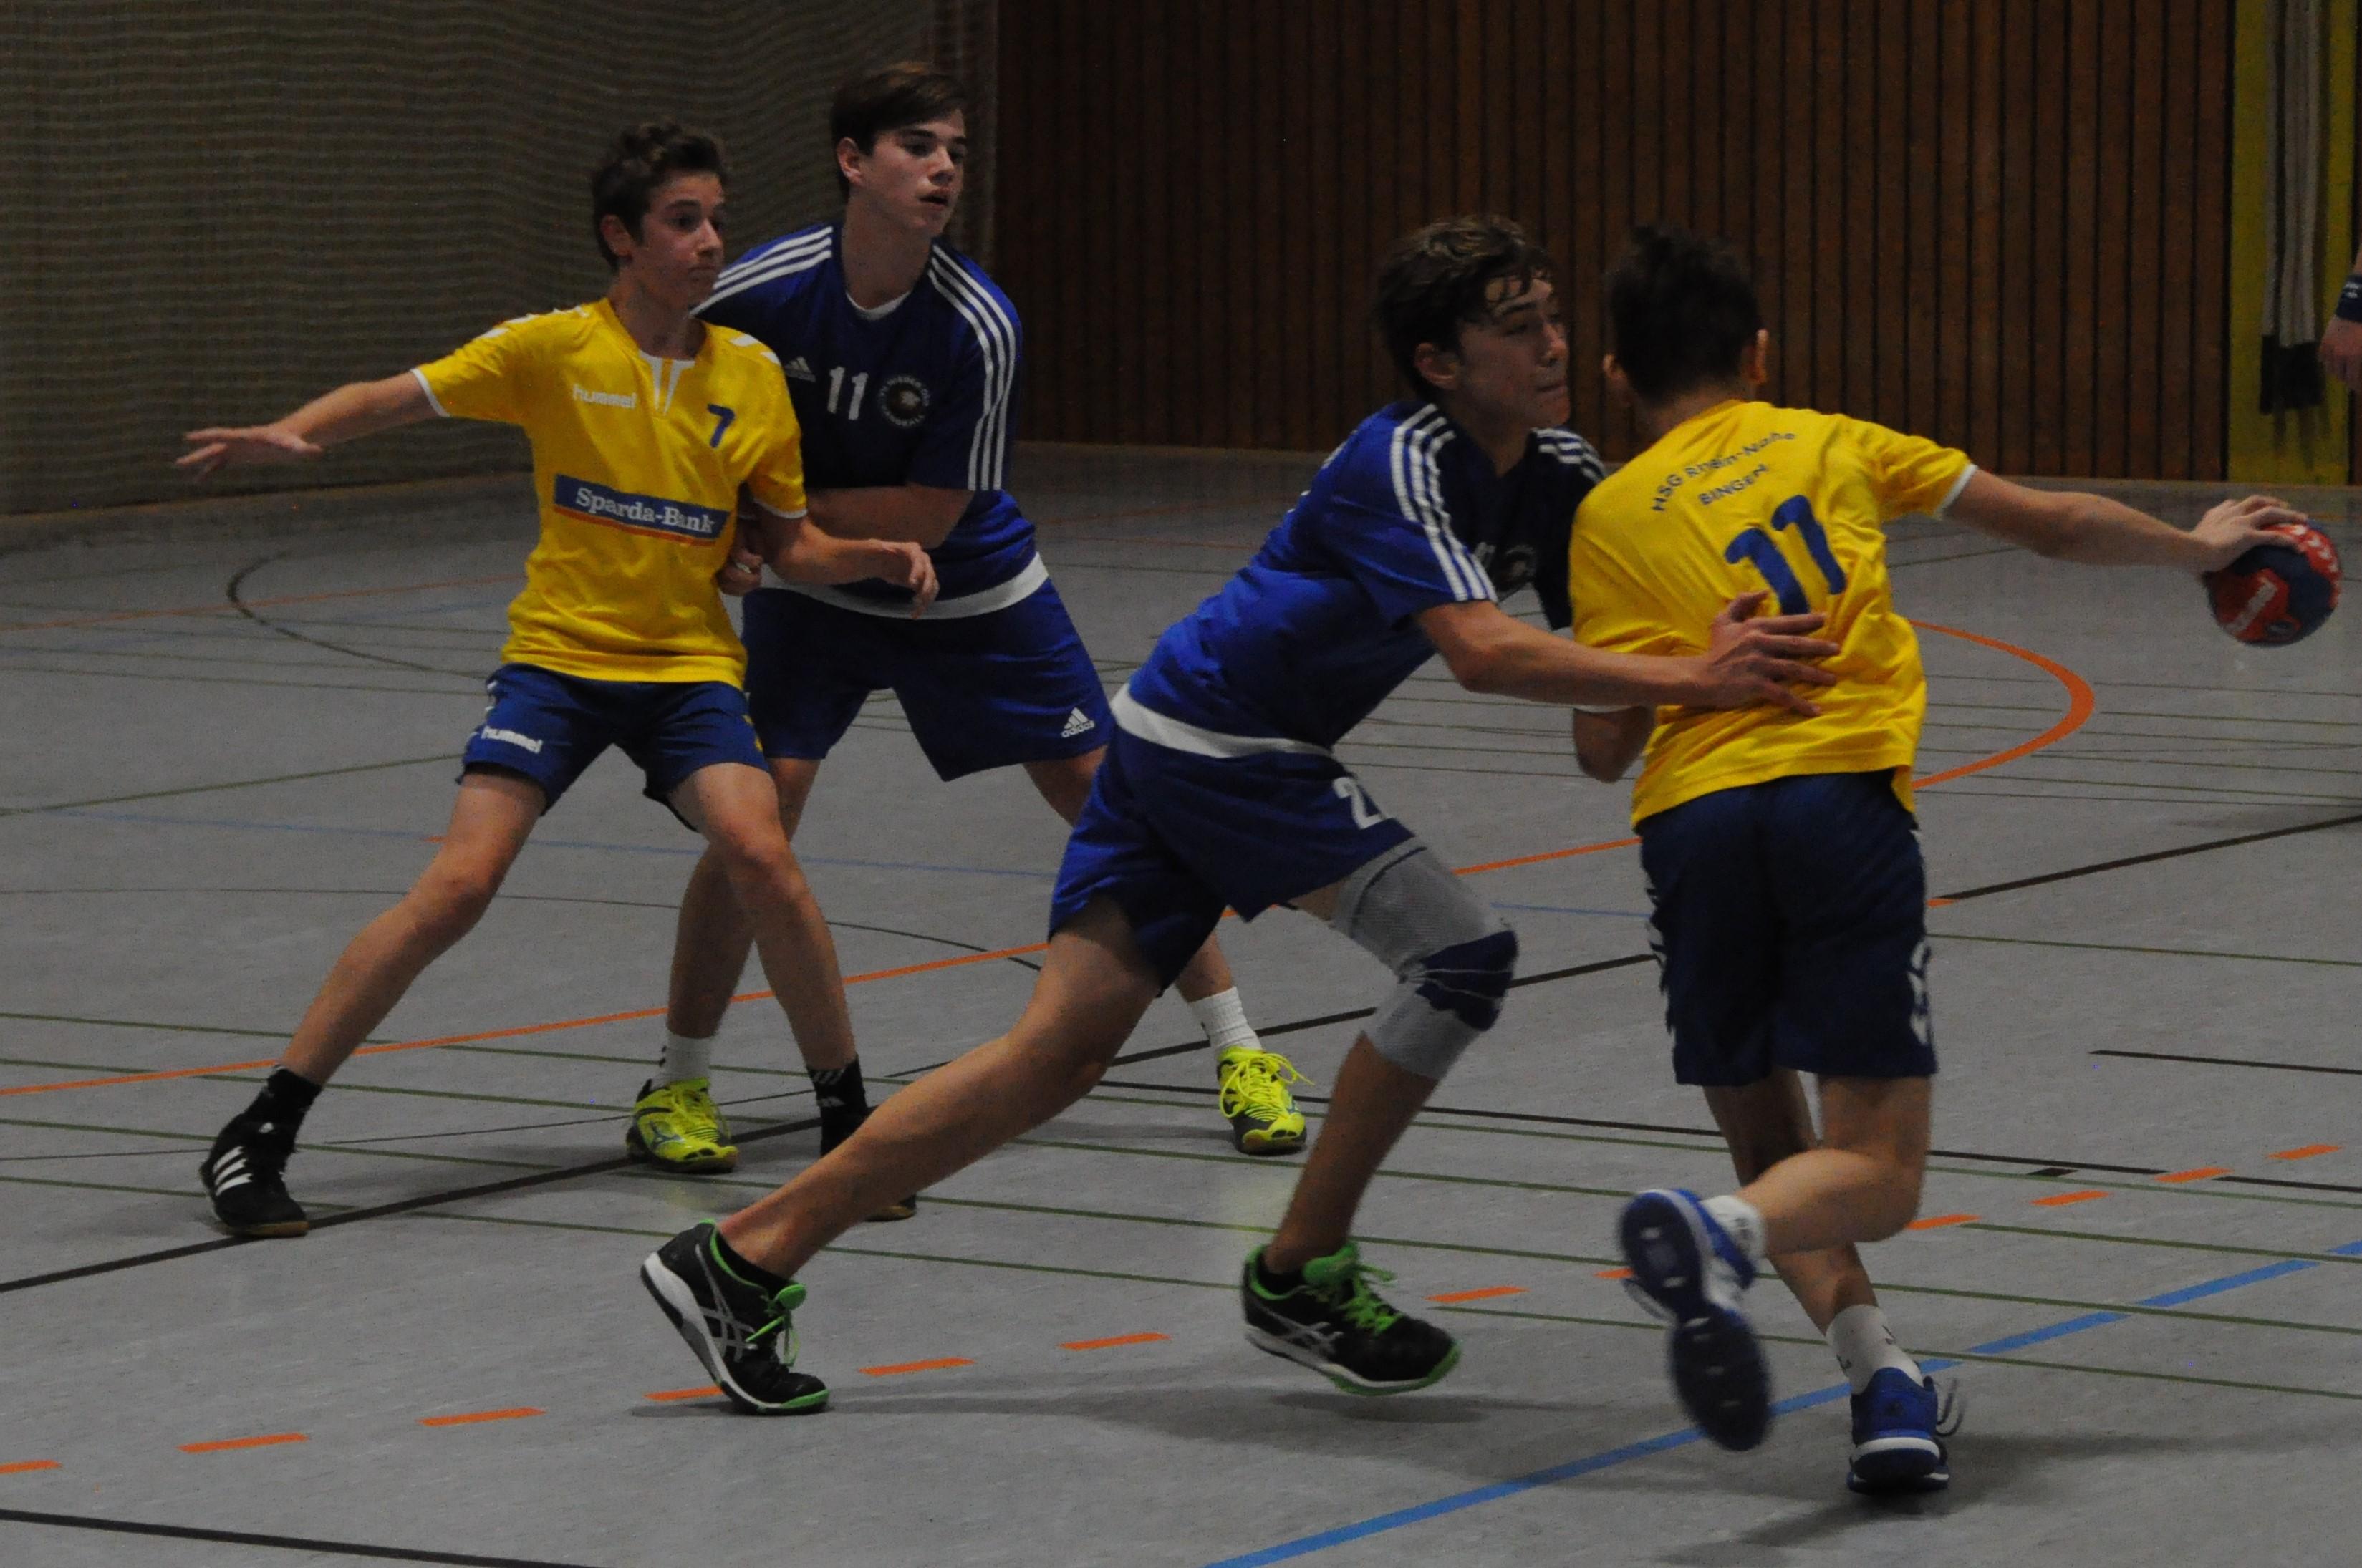 mC-Jugend klarer Derbysieger!